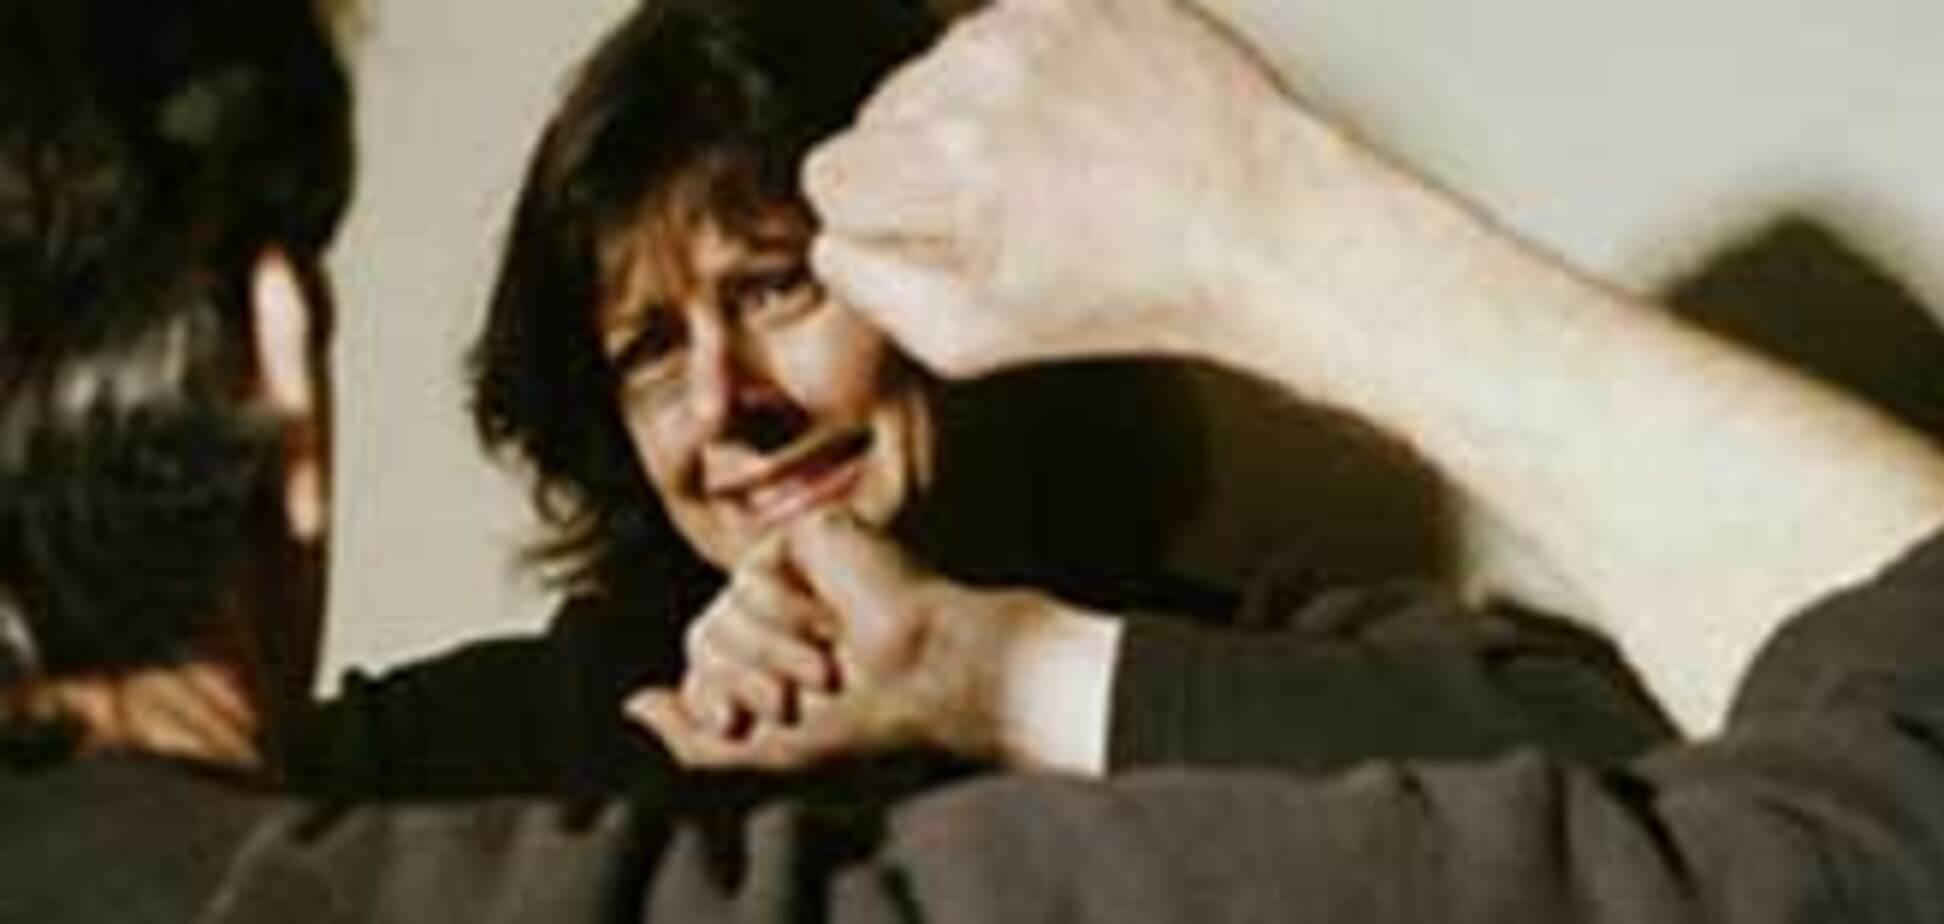 Видано інструкцію, як правильно бити дружину